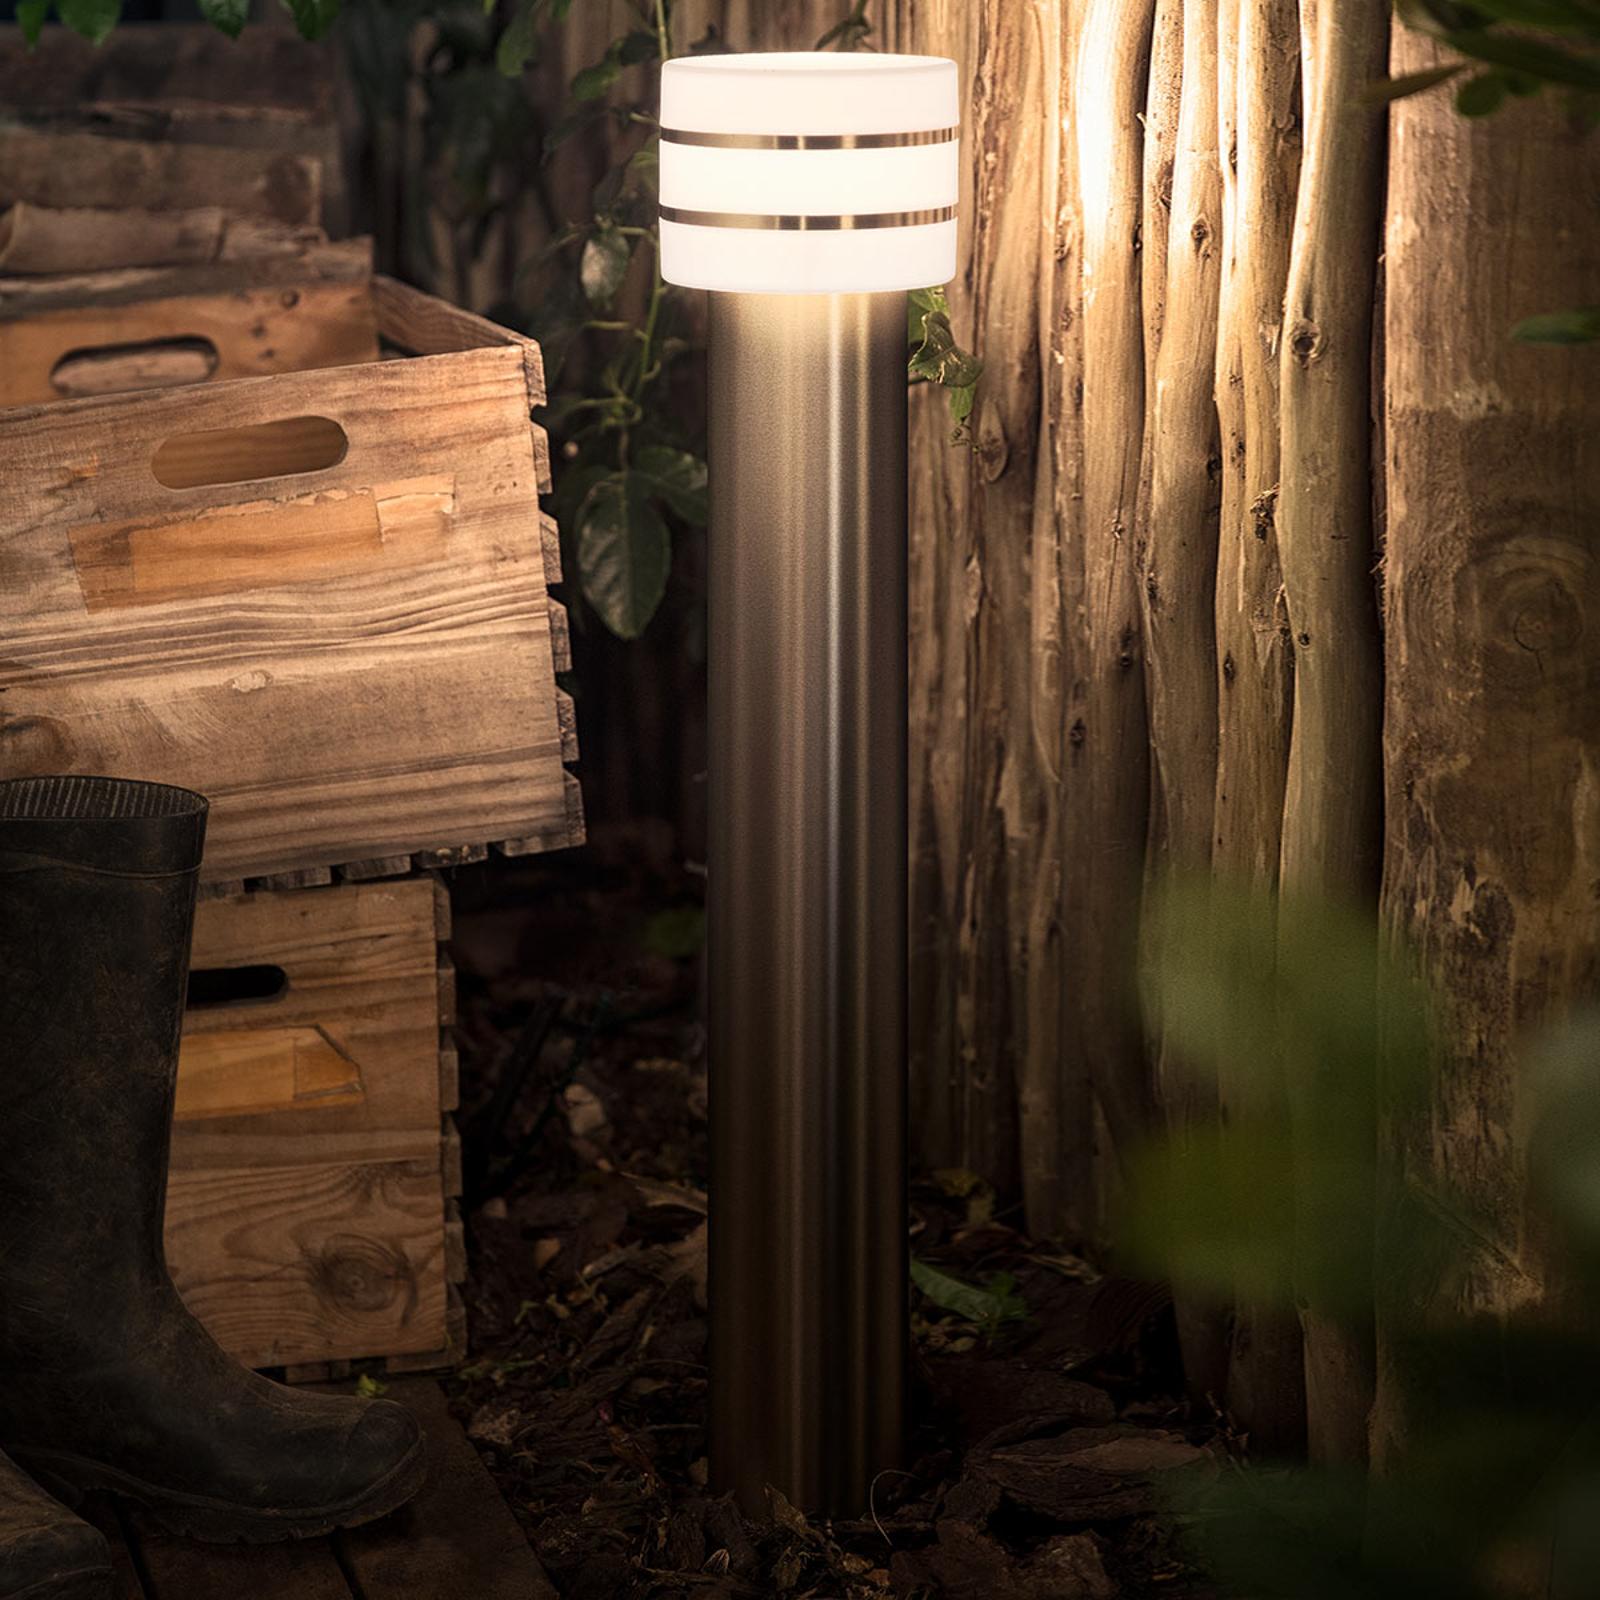 Philips Hue LED-väglampa Tuar i rostfritt stål